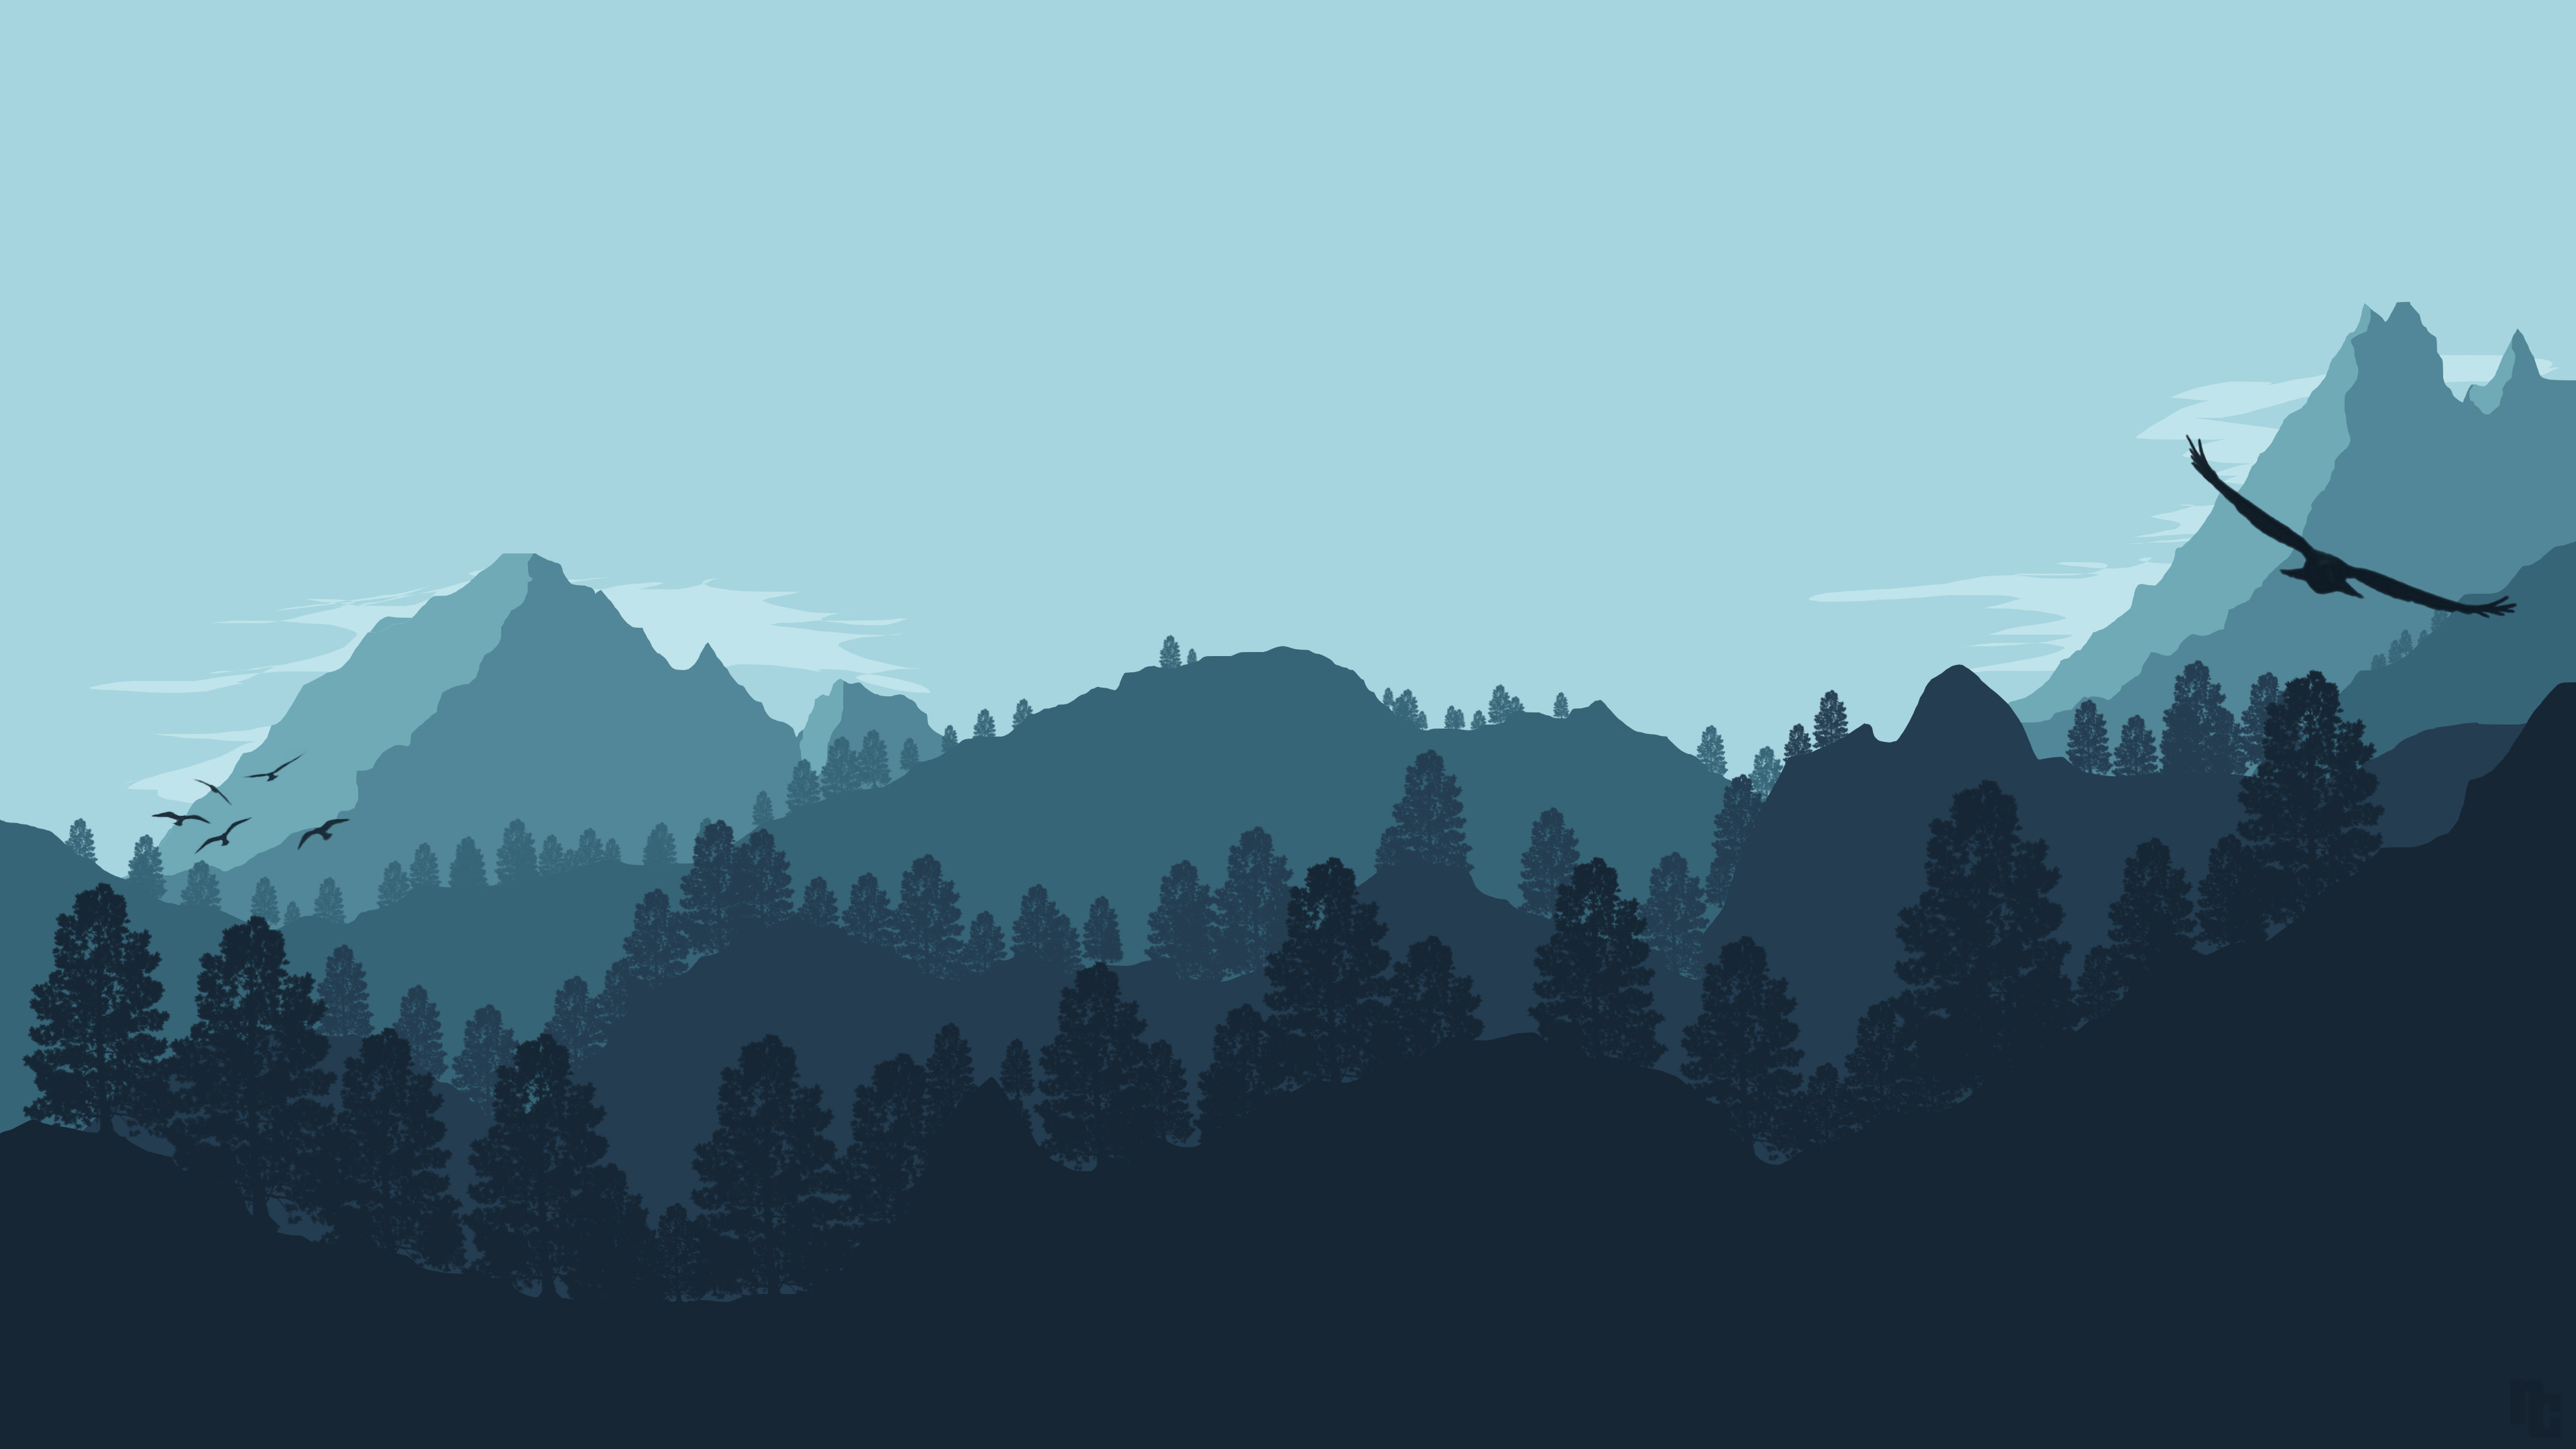 3840x2160, Kã¼nstlerisch - Minimalist Wallpaper Mountain ...